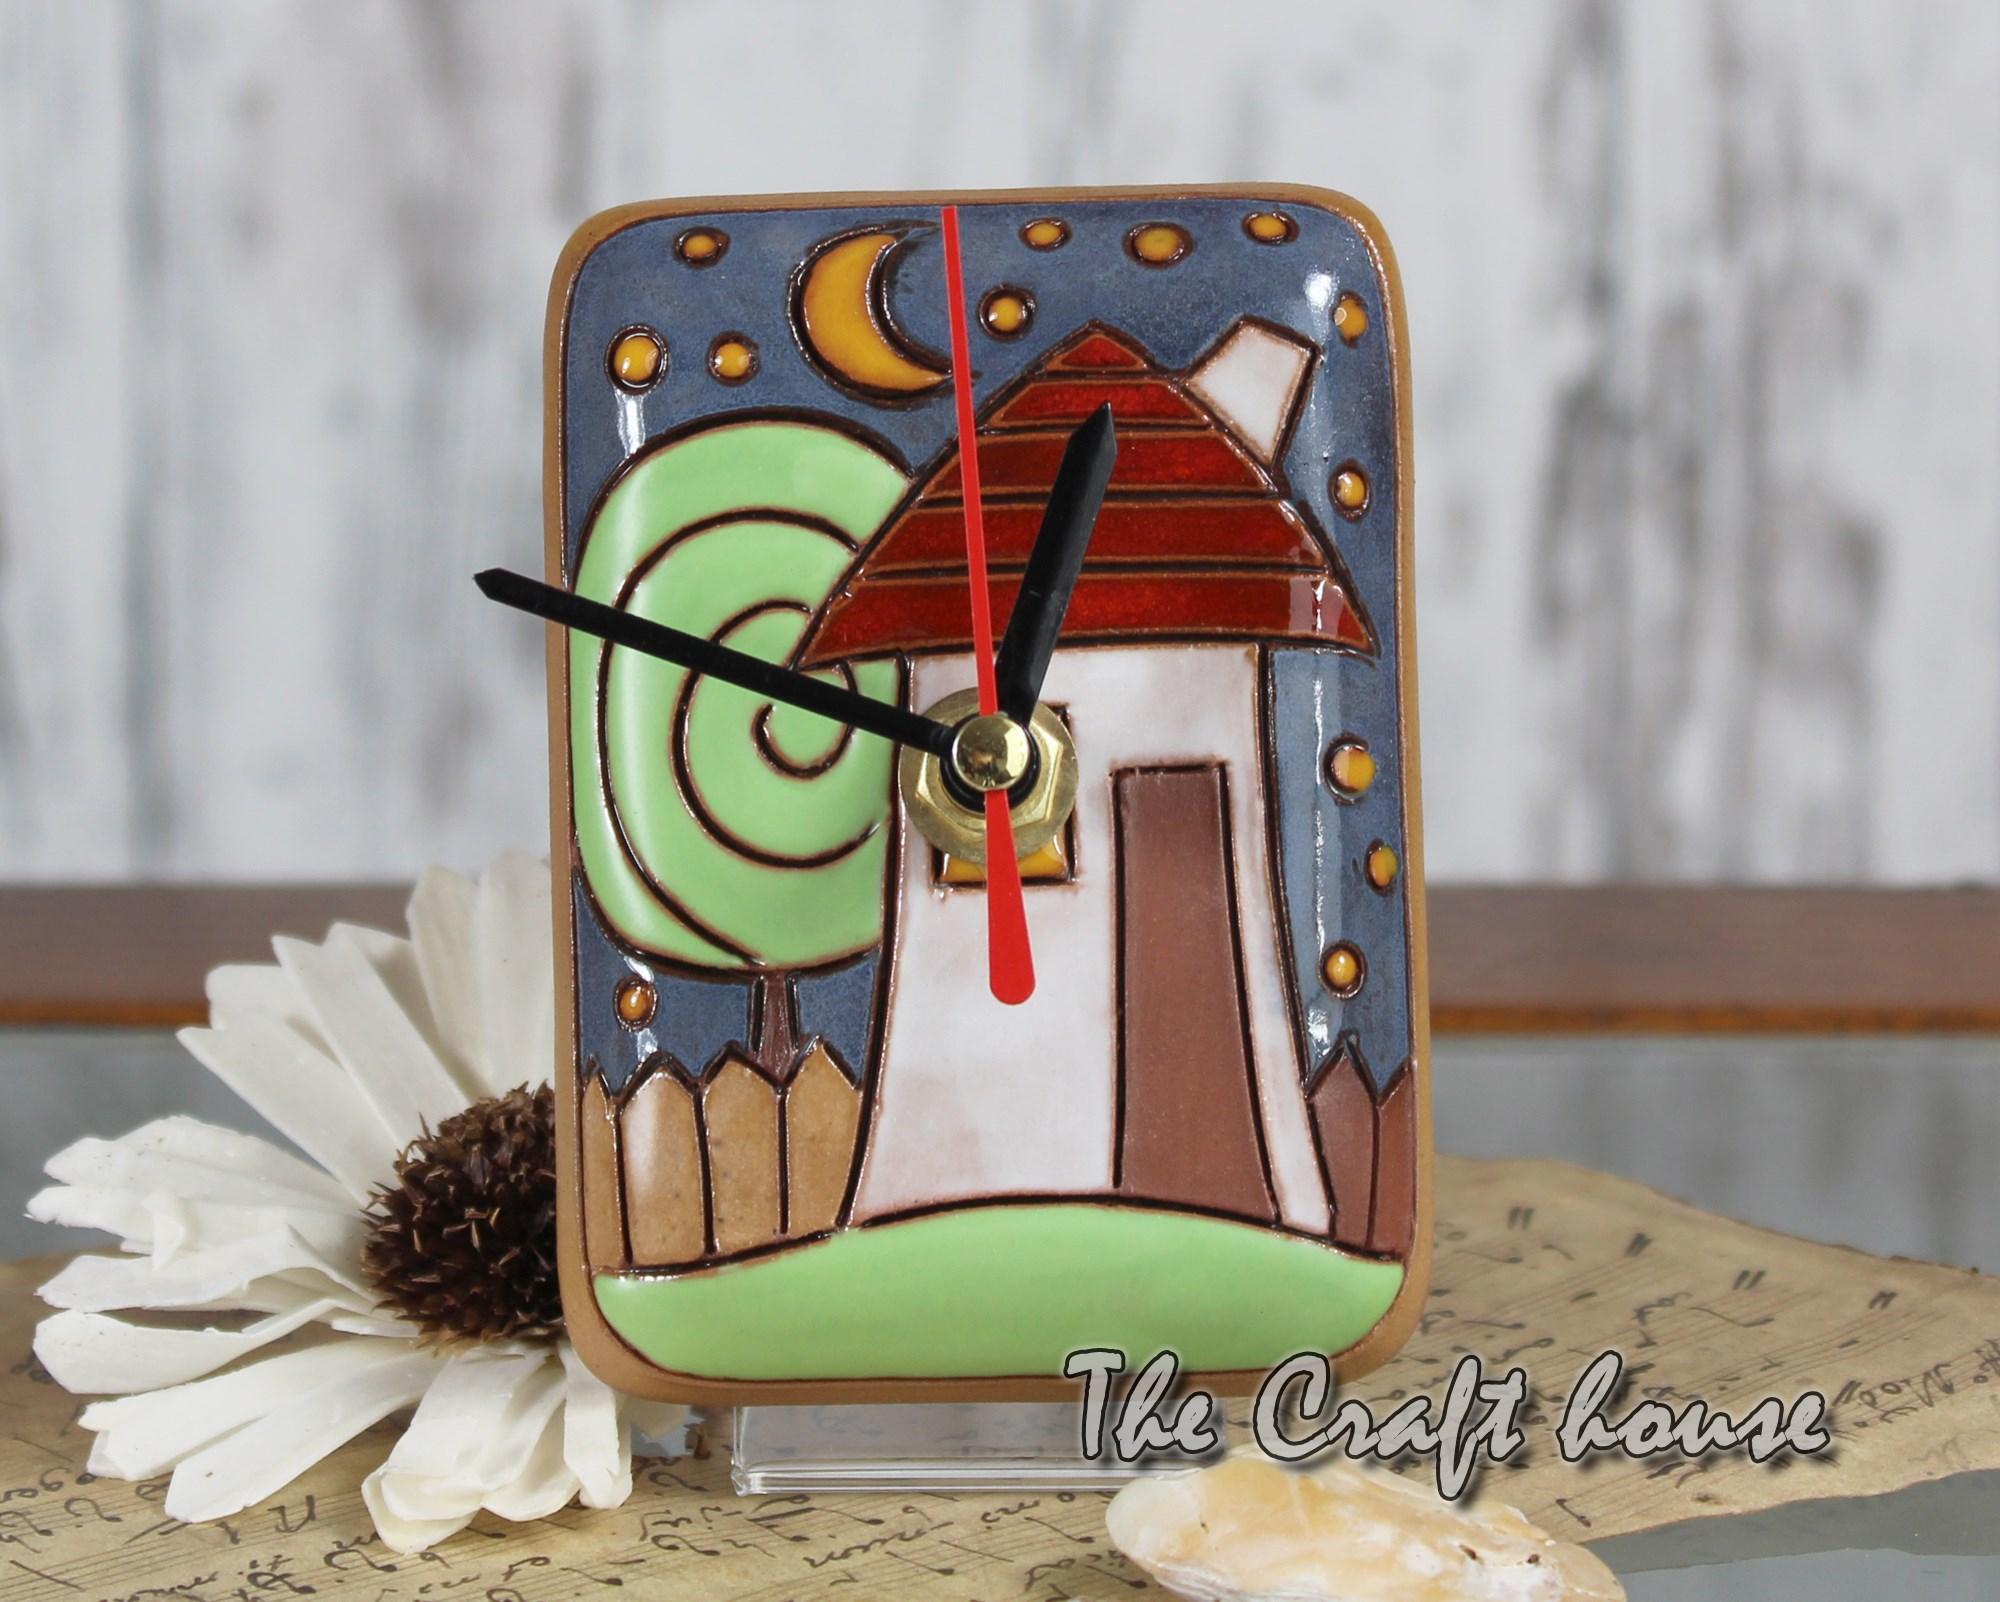 Ceramic clock 'Houses'